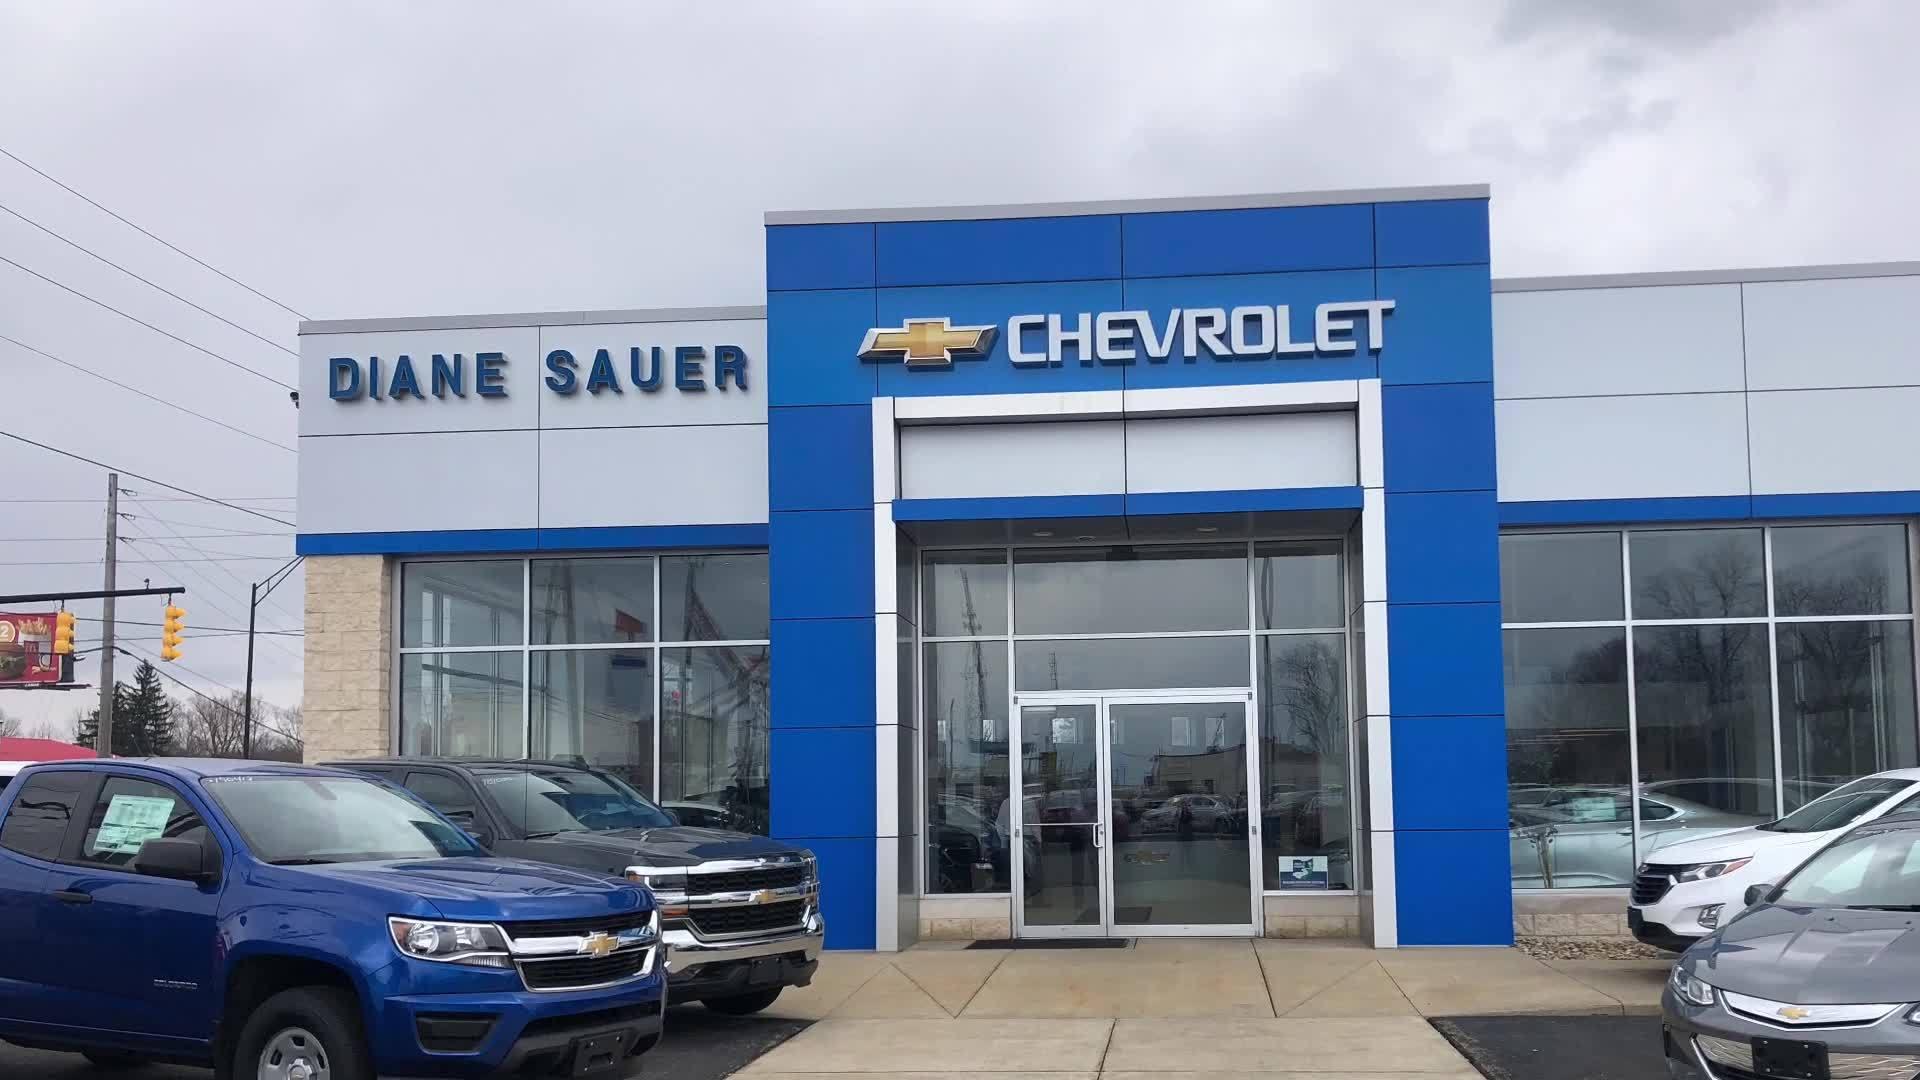 Diane Sauer Chevrolet